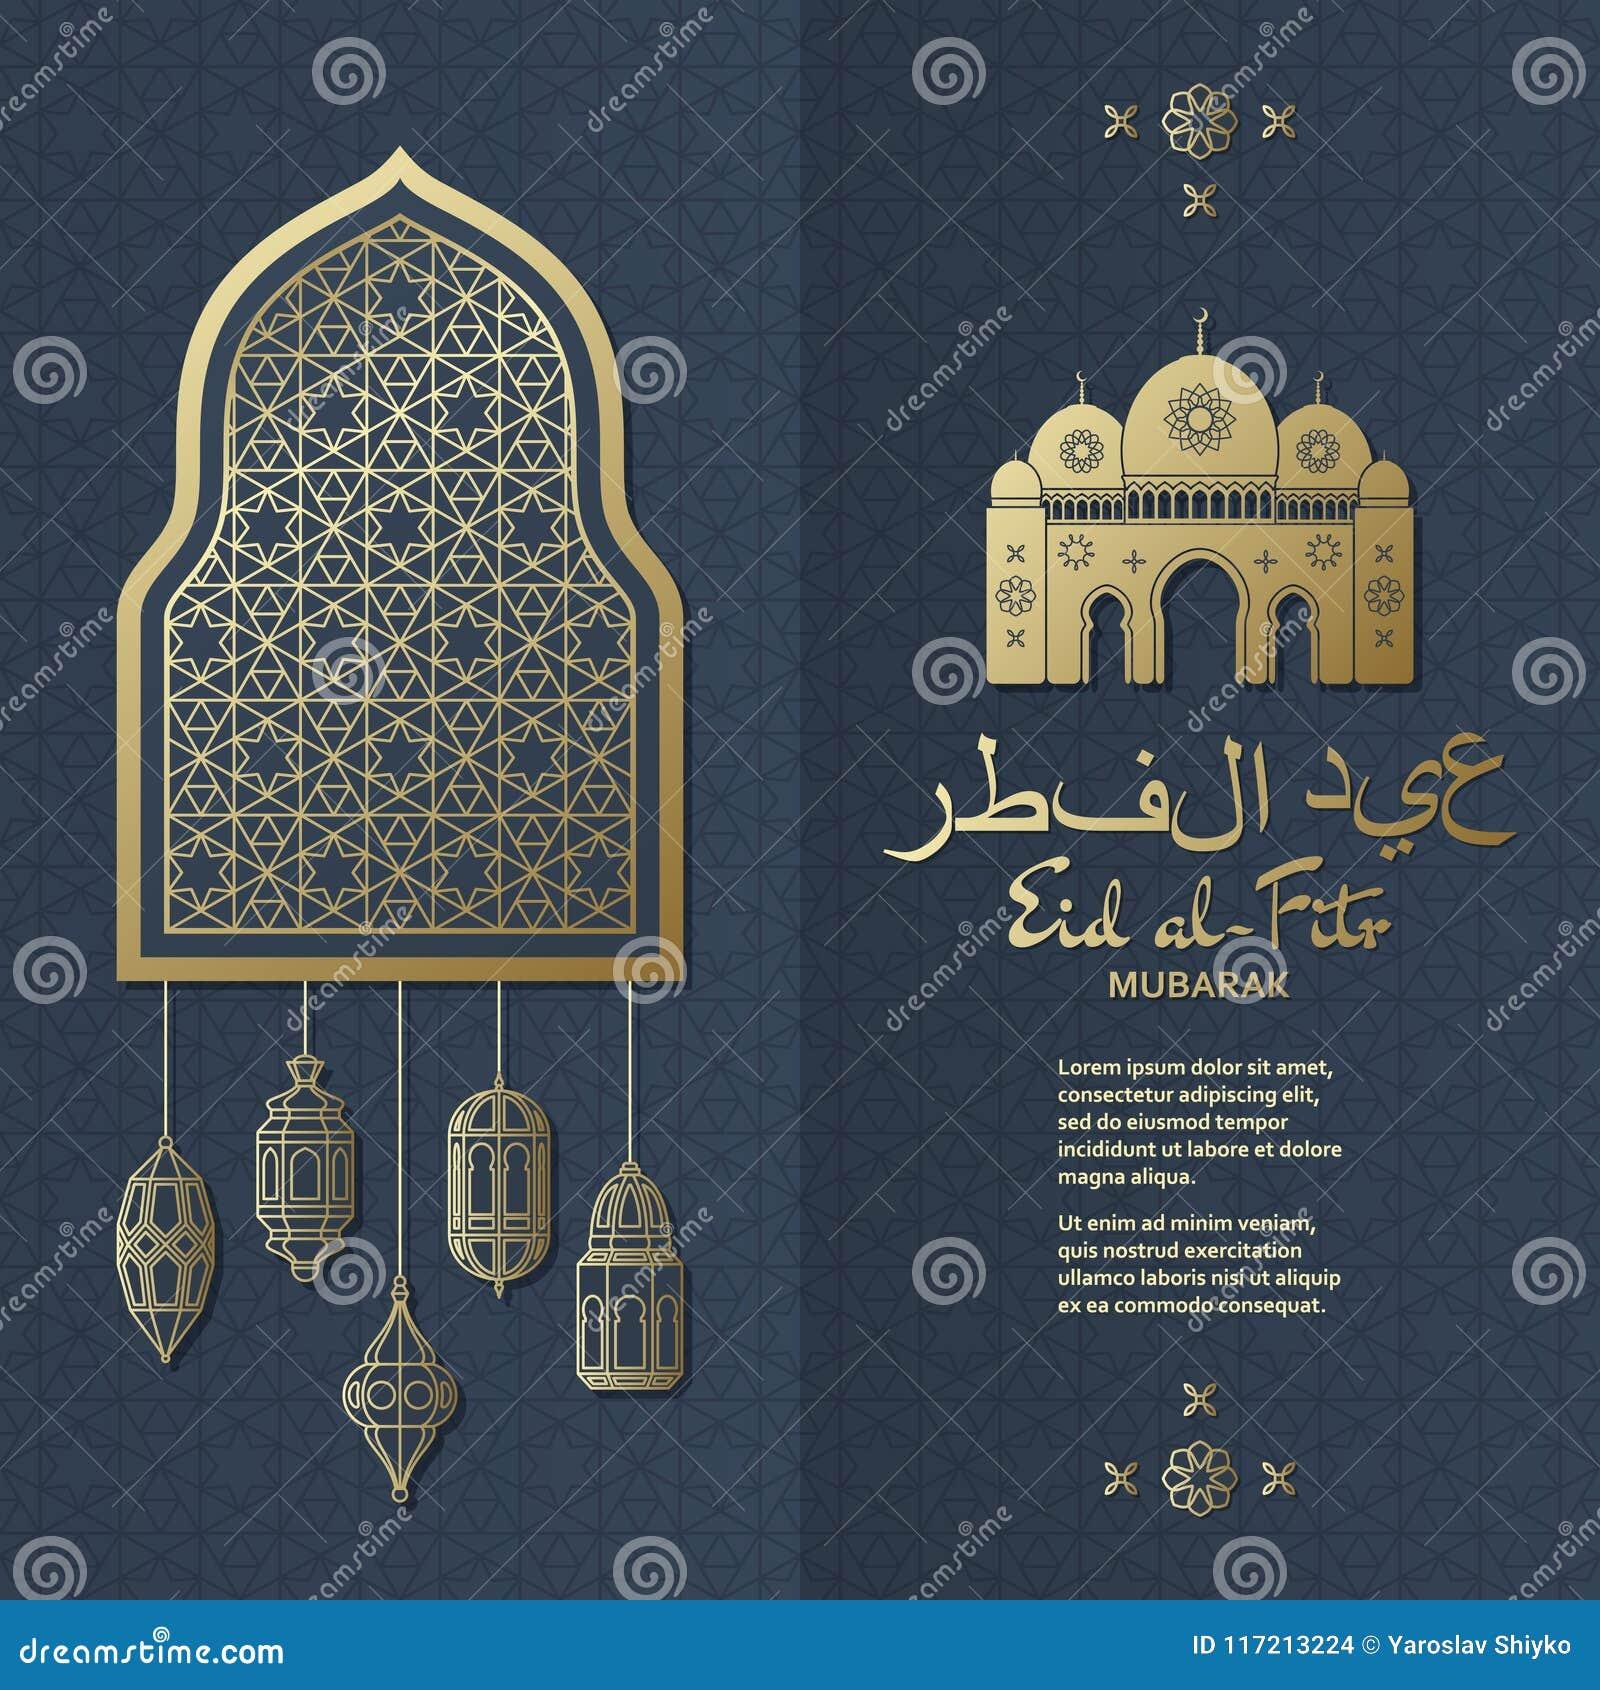 Eid al-Fitr Background Islamisk arabisk lykta Översättning Eid al-Fitr greeting lyckligt nytt år för 2007 kort